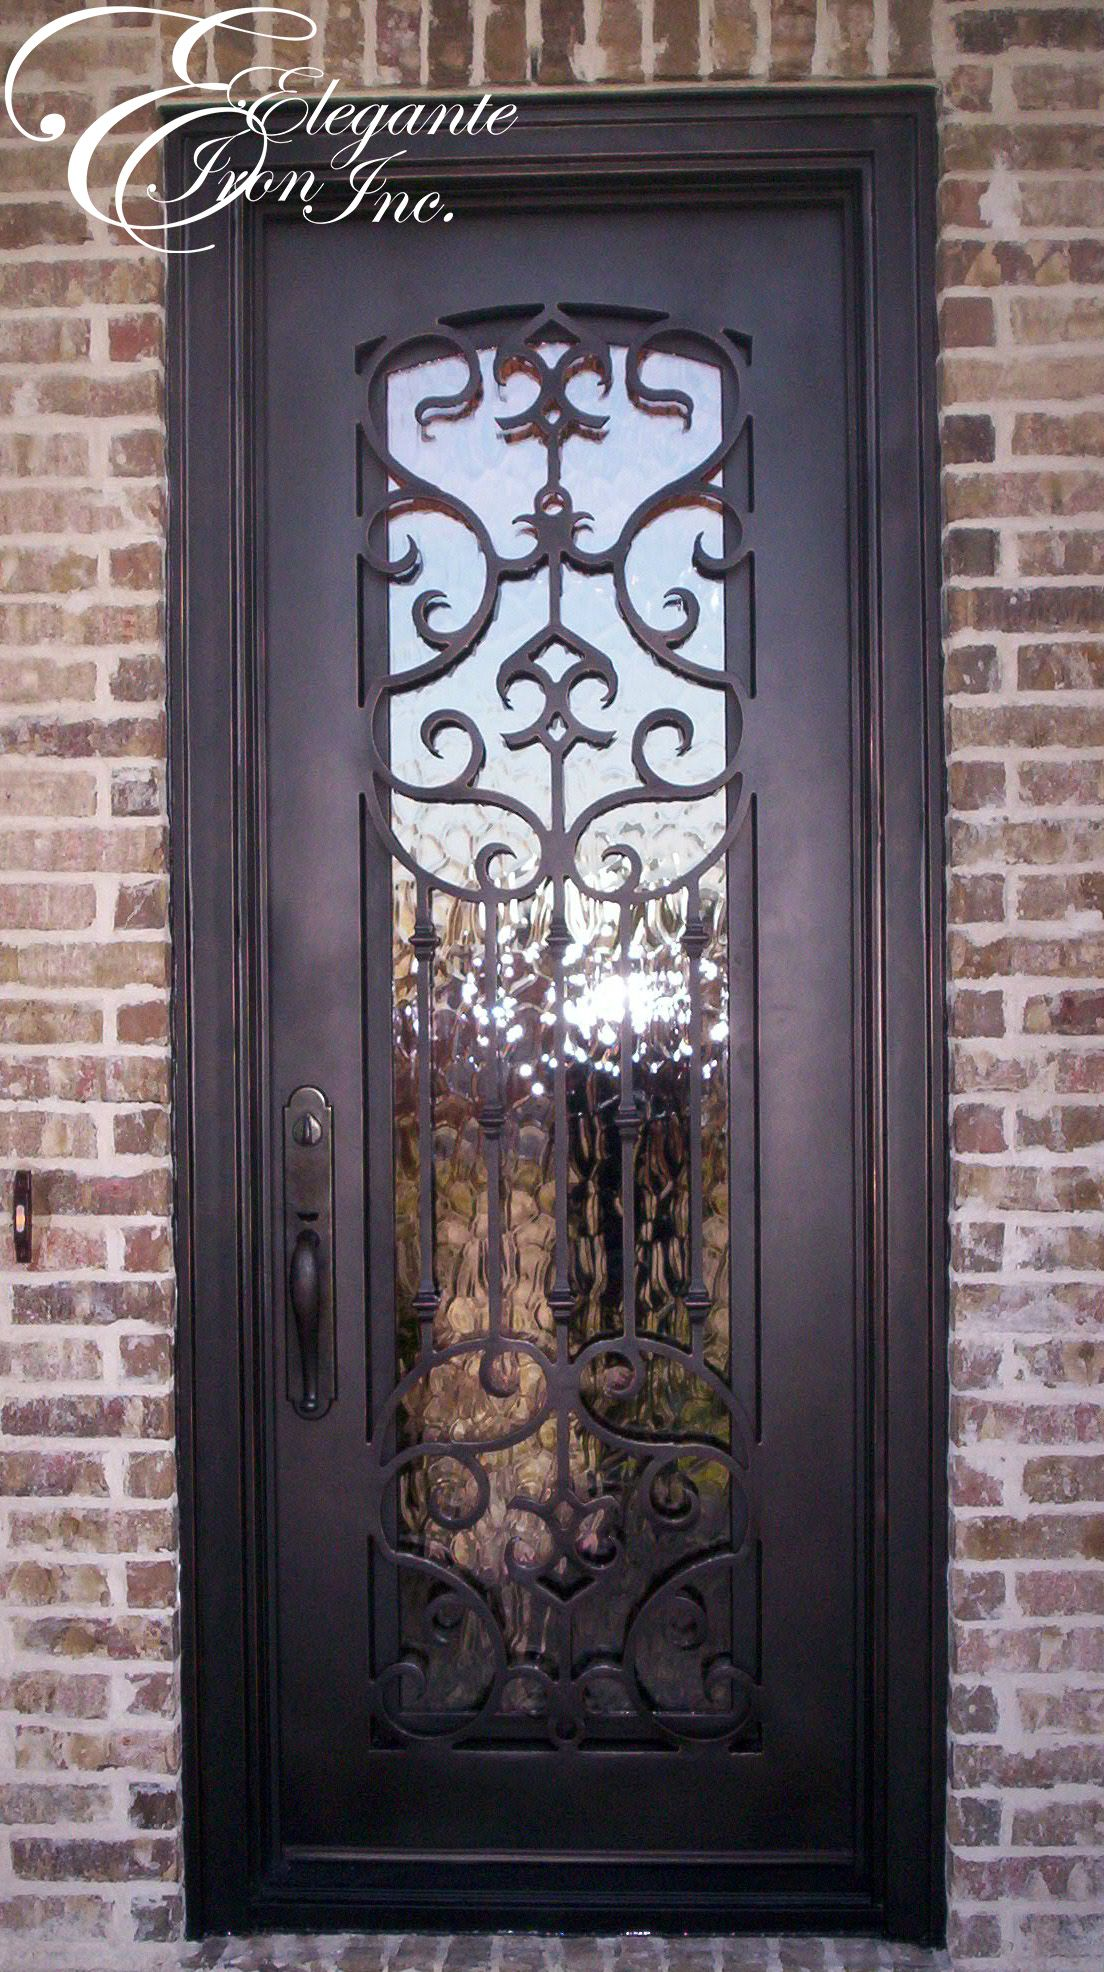 1972 #765C4E Custom Wrought Iron Front Door. Single Doors Pinterest image Iron Entrance Doors 38931104